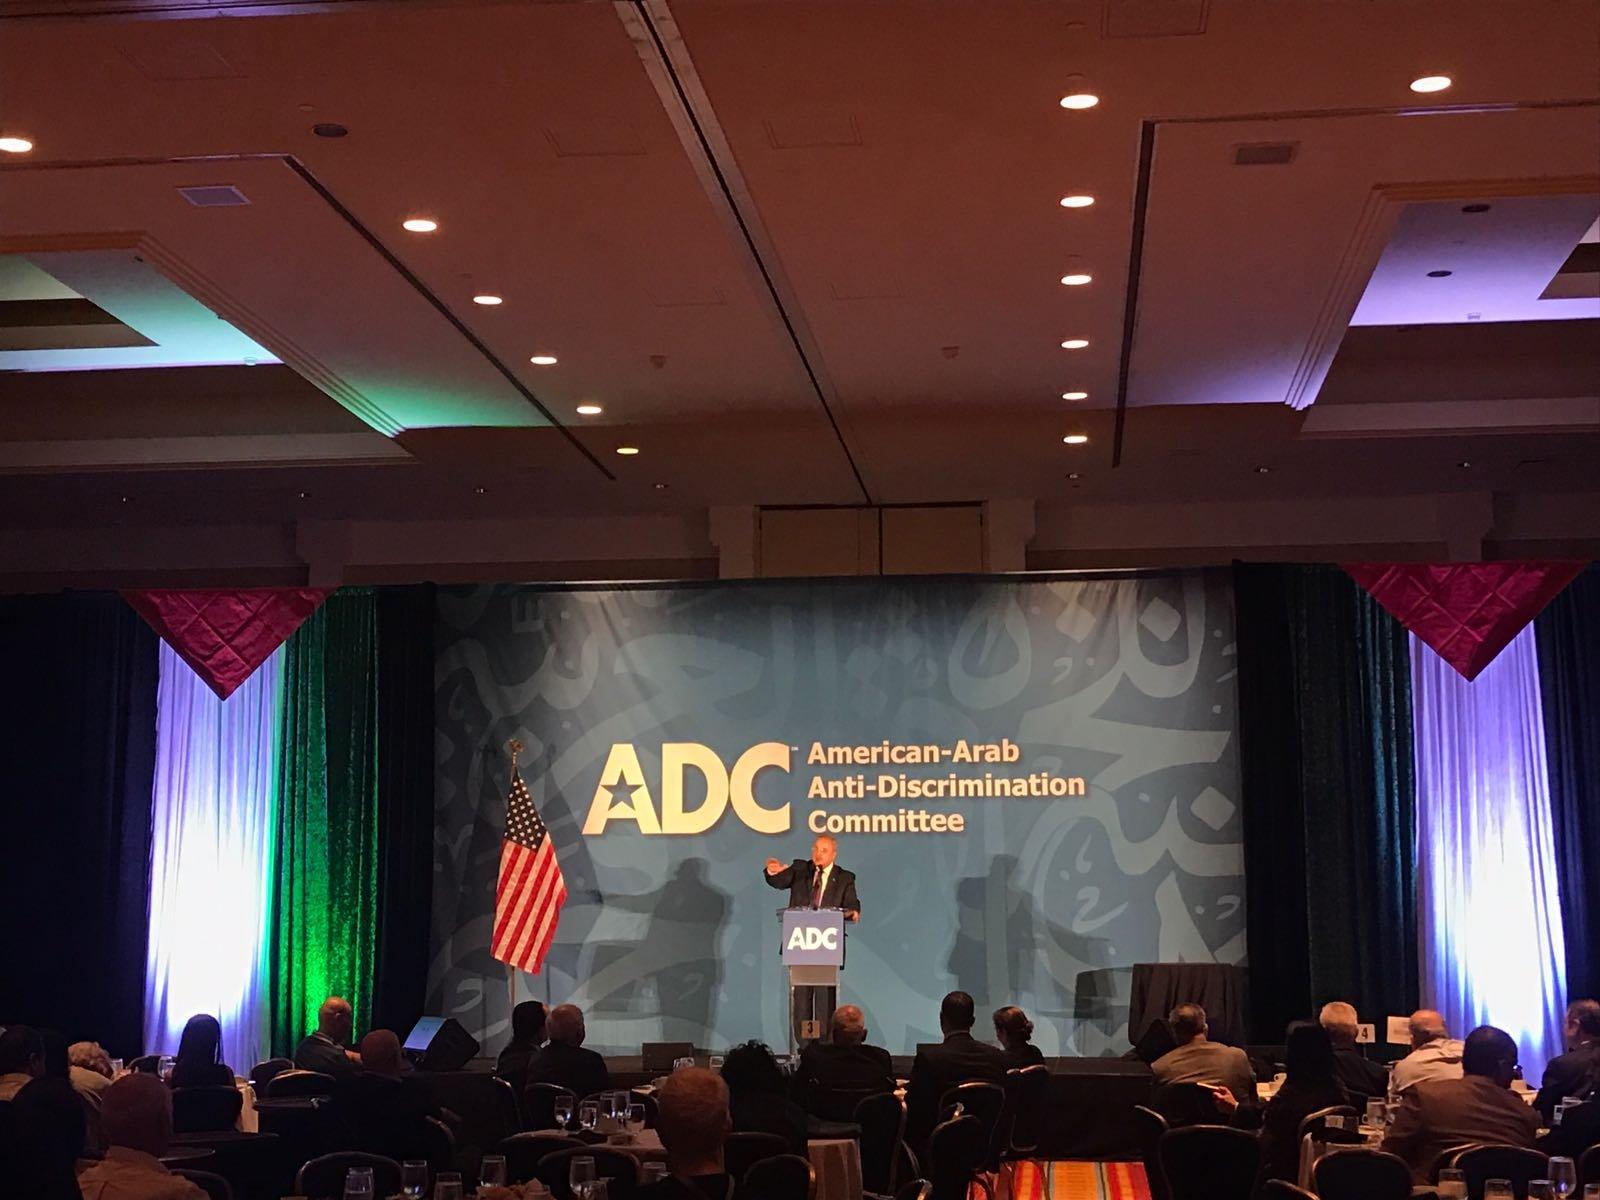 الطيبي يُلقي خطابا في واشنطن خلال مؤتمر اللجنة الأمريكية العربية لمكافحة التمييز